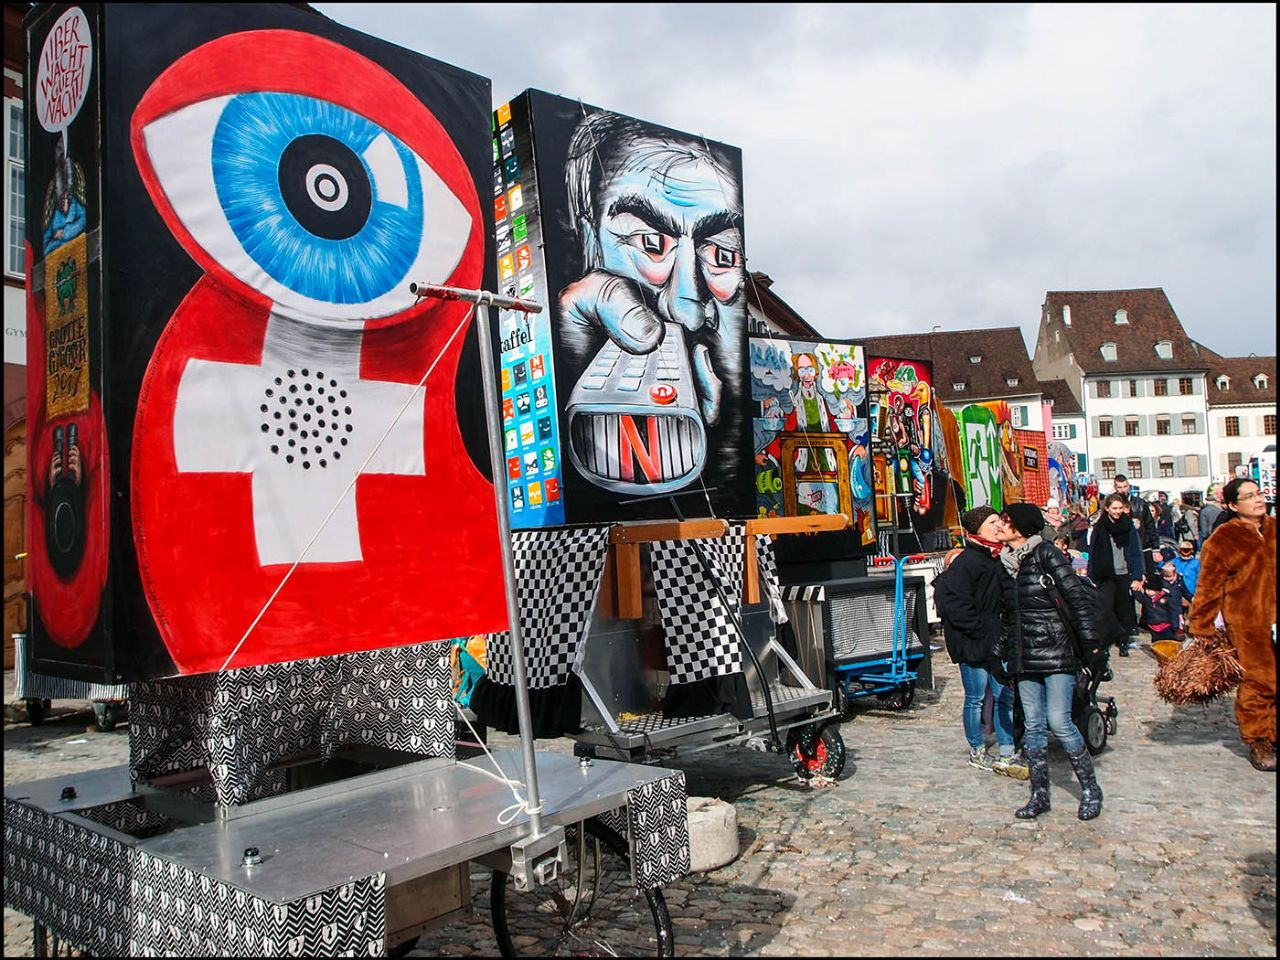 Фонари карнавального Базеля Базель, Швейцария